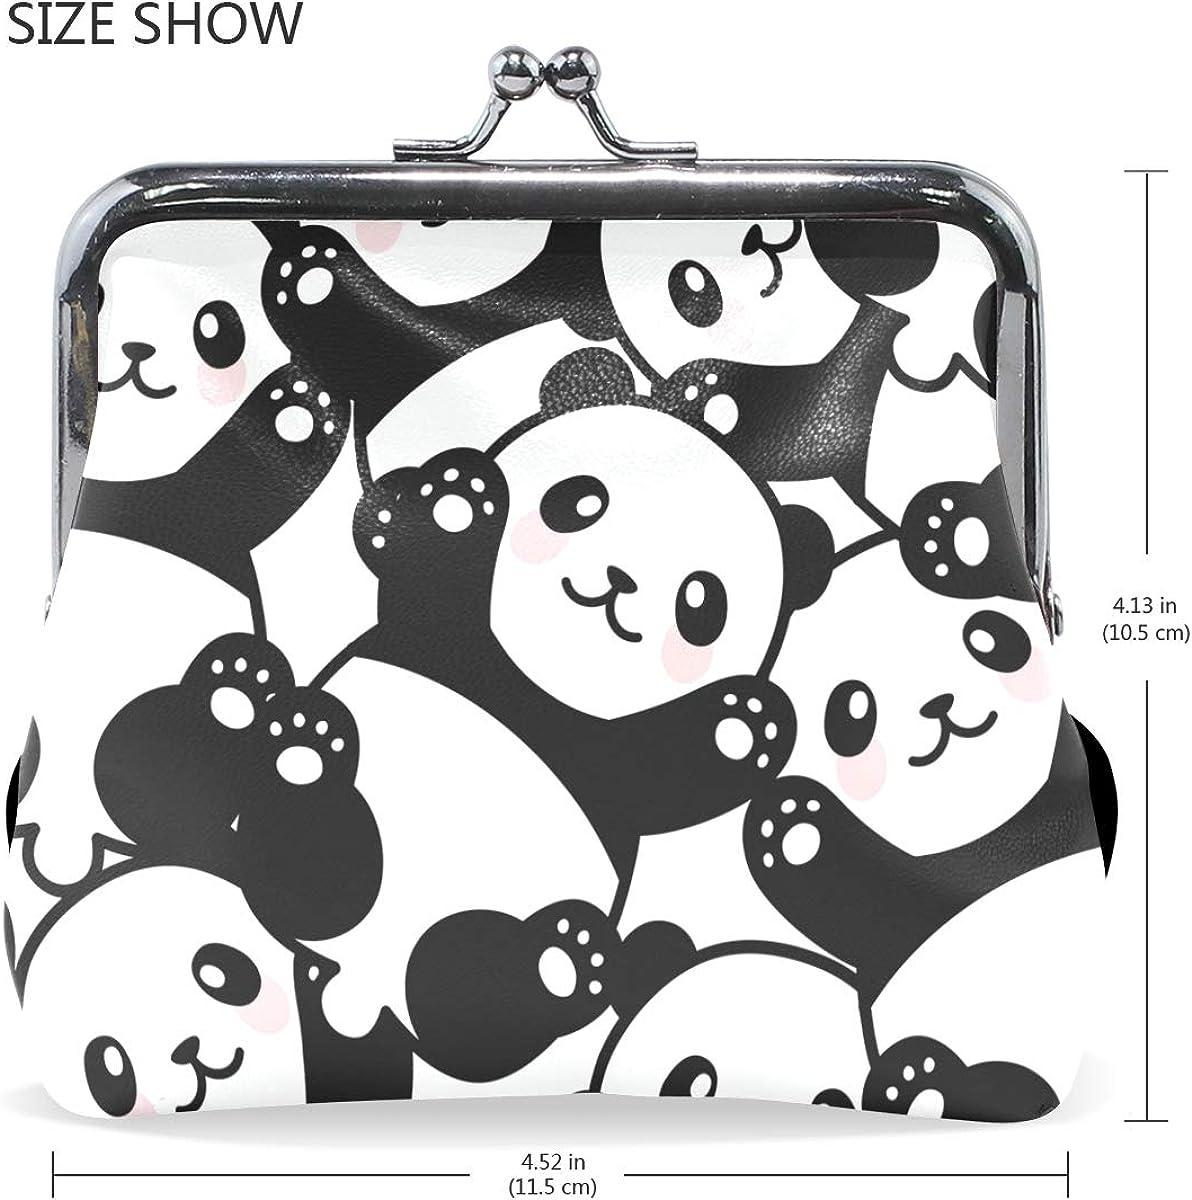 Panda Baby Pattern Cute Buckle Coin Purses Buckle Buckle Change Purse Wallets